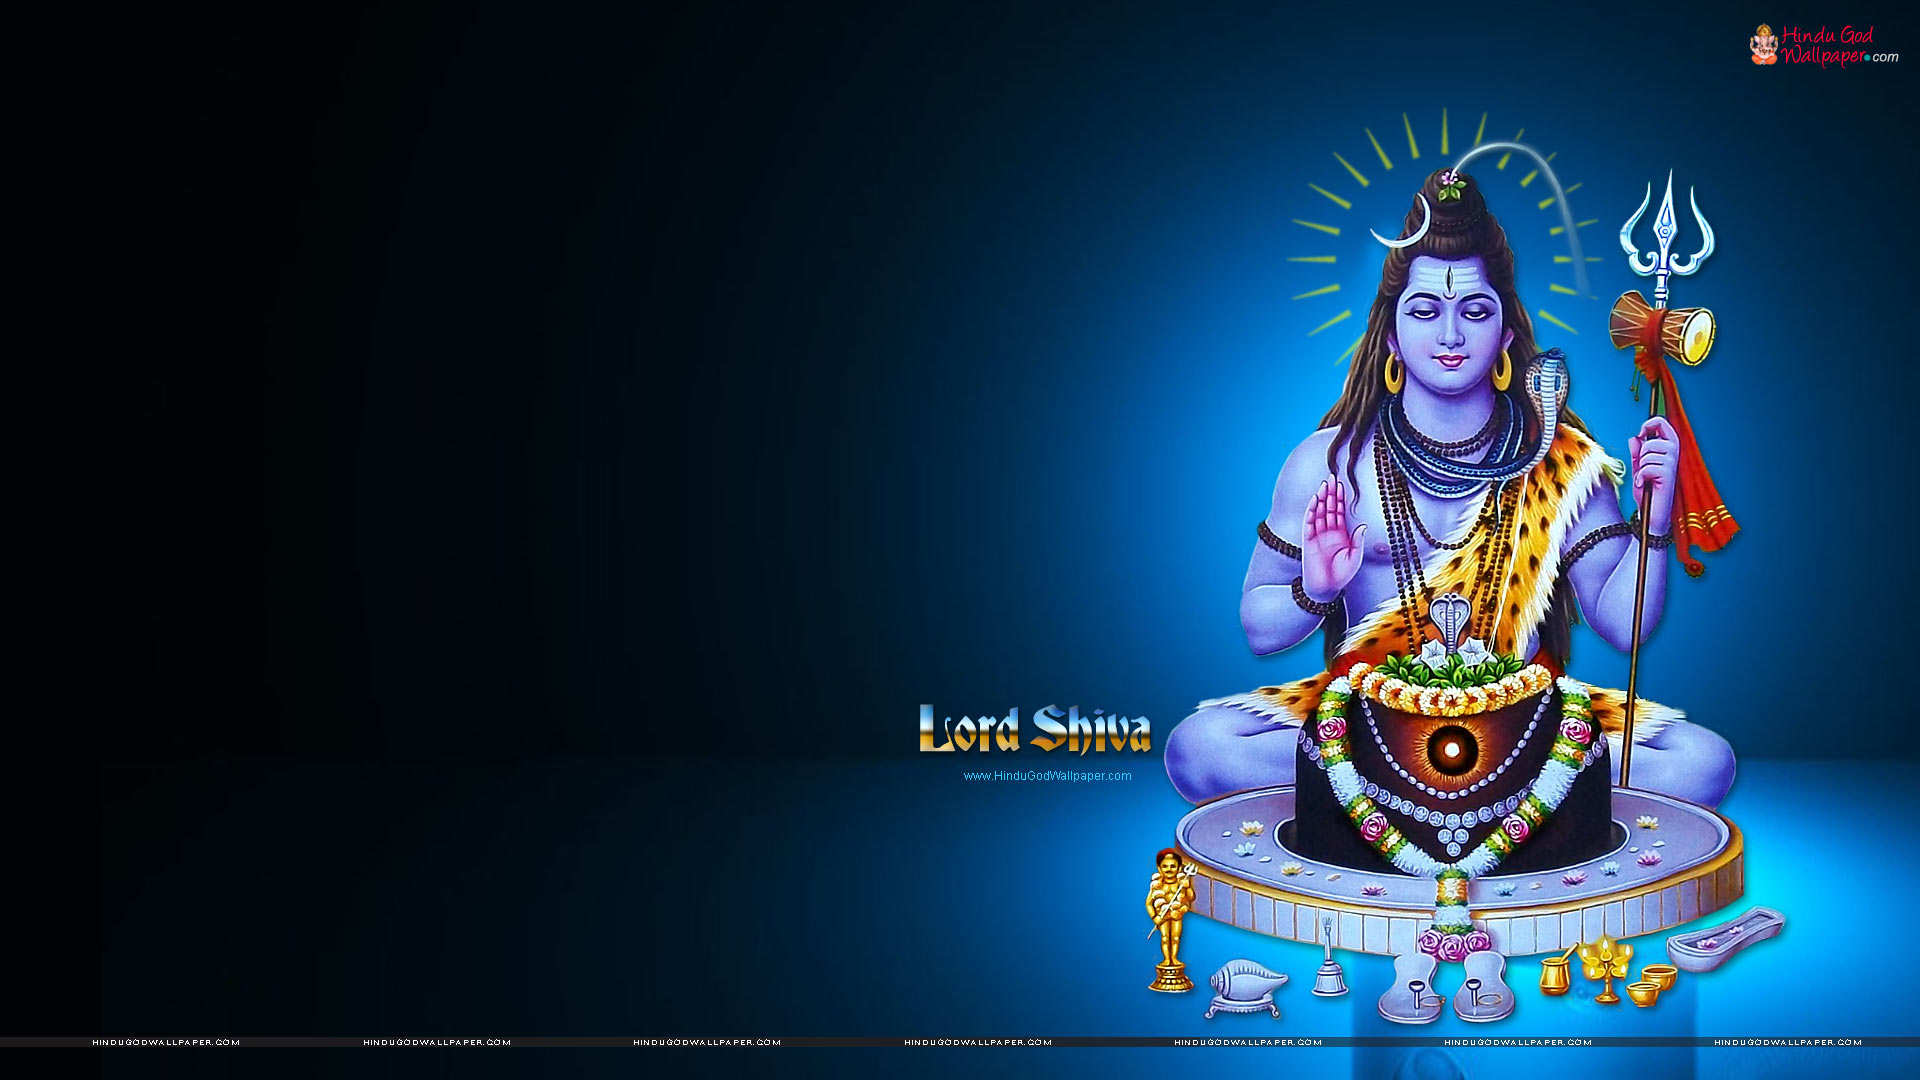 Hd wallpaper shiva - Lord Shiva Still Image Picture Photo Wallpaper